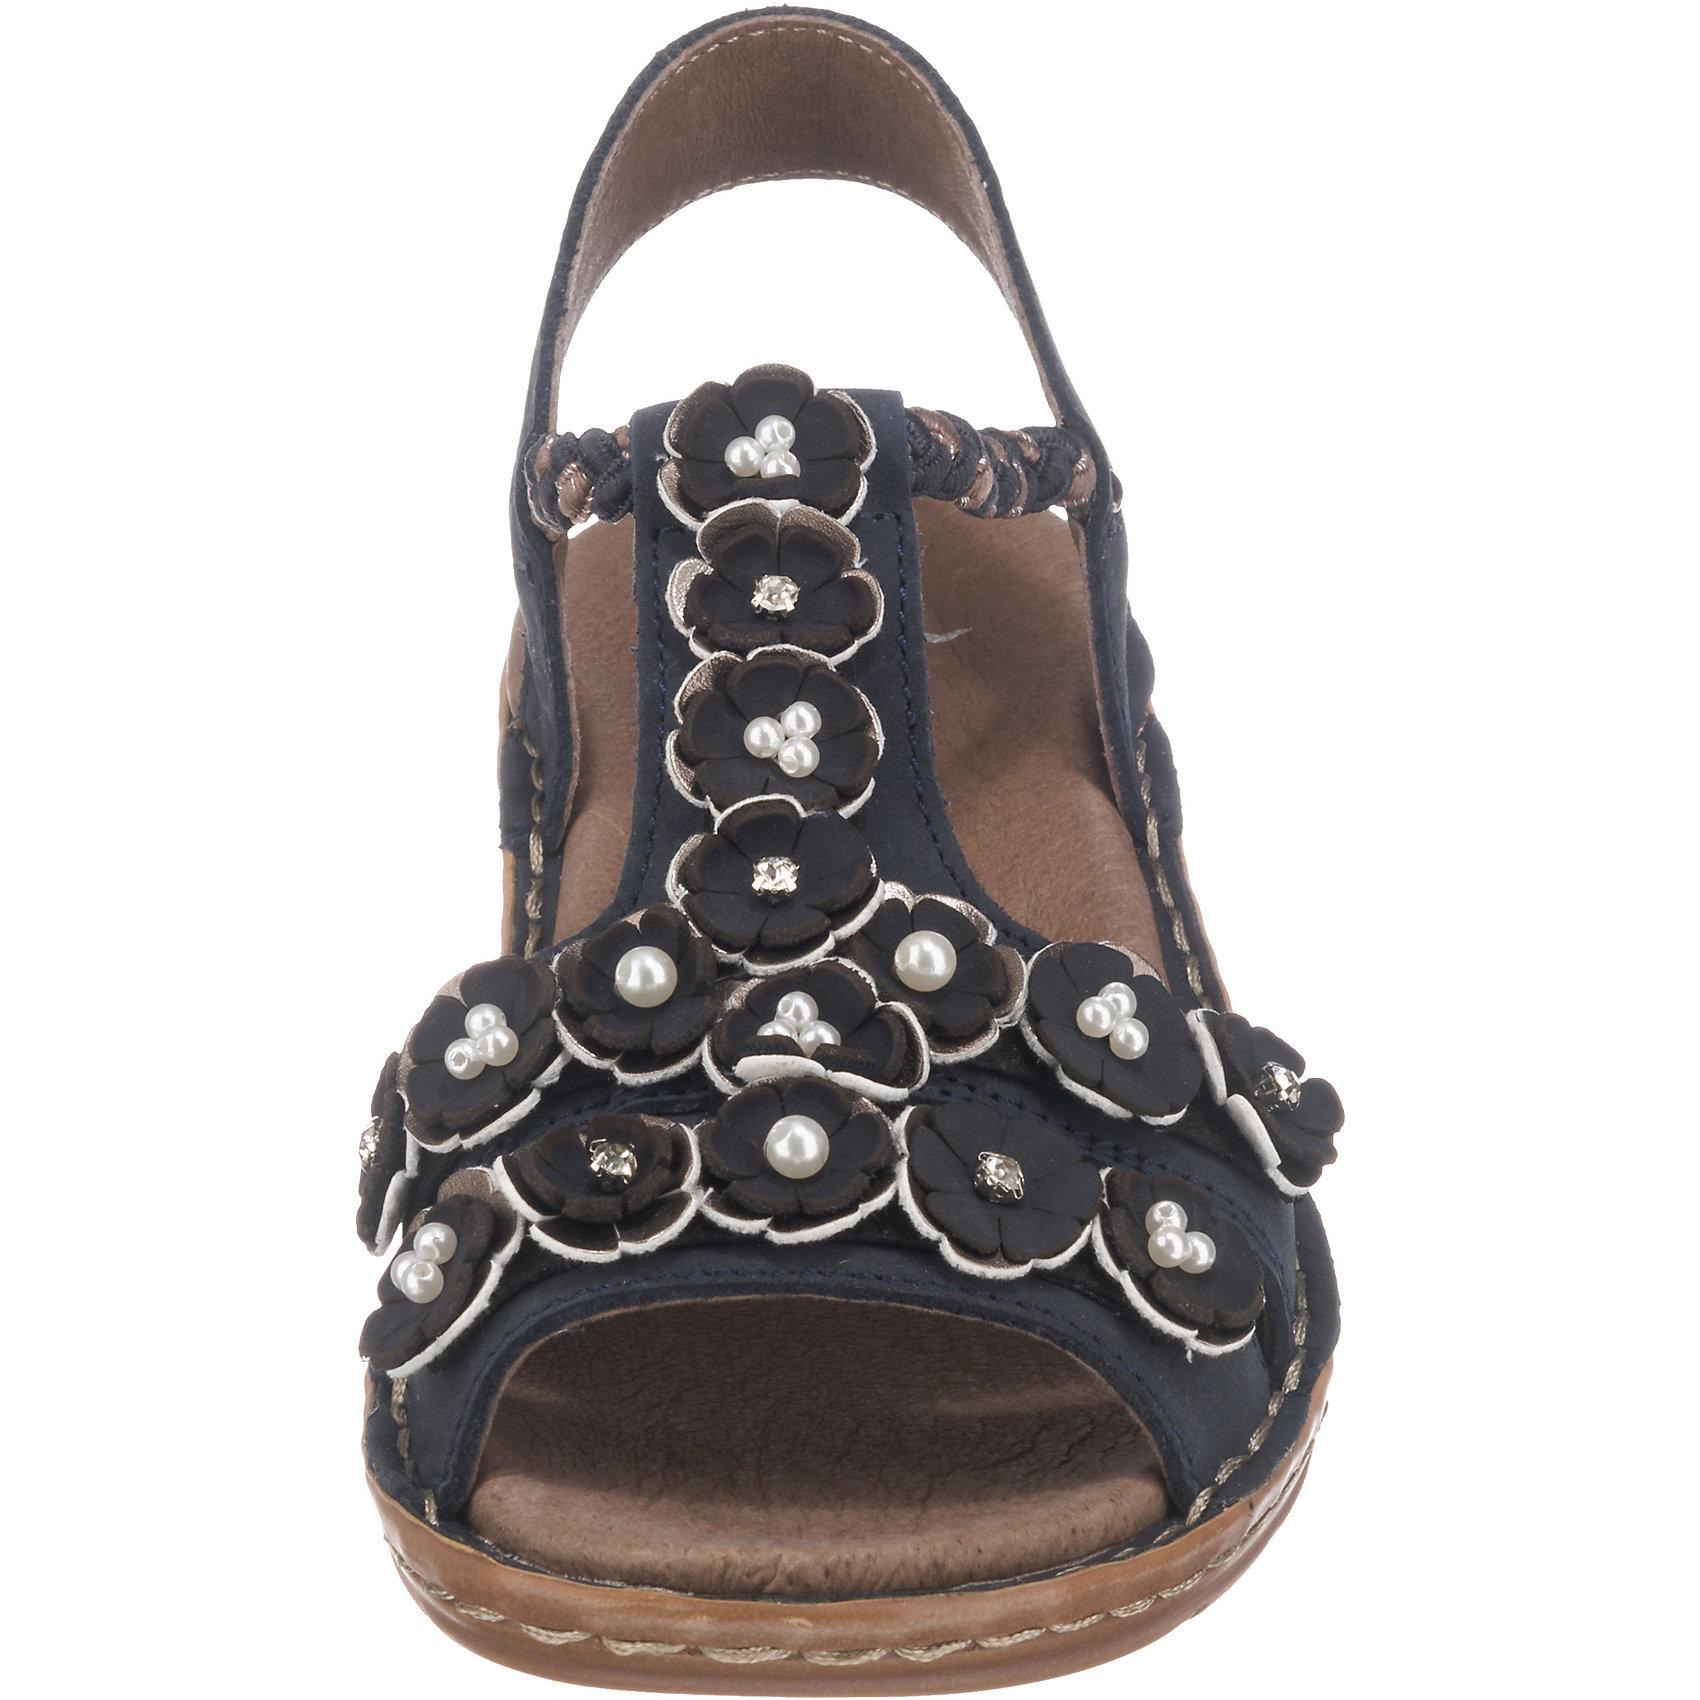 Neu ara Hawaii Komfort-Sandalen 7208637 7208637 7208637 für Damen blau        Vollständige Spezifikation  bee1a8